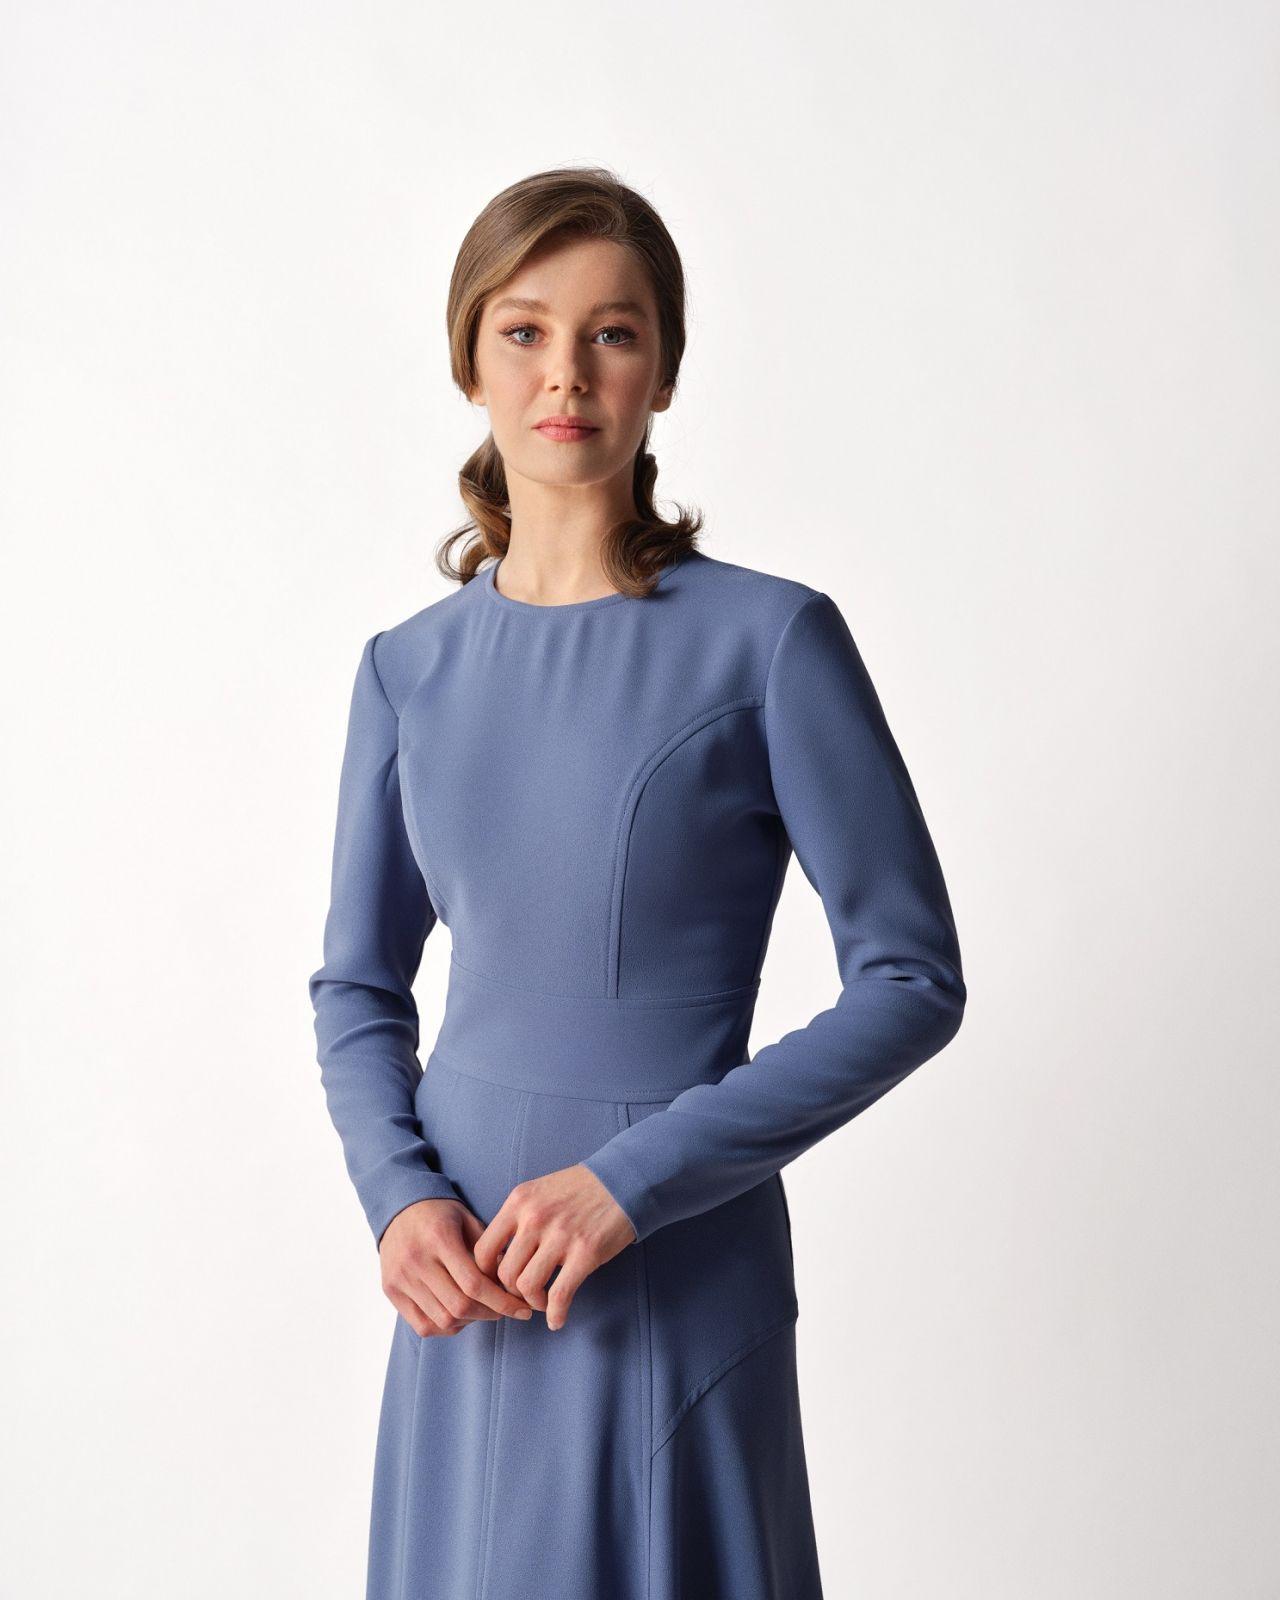 Camdaki Kız dizisinde kim kimdir? Bu akşam Kanal D'de başlıyor - Sayfa:3